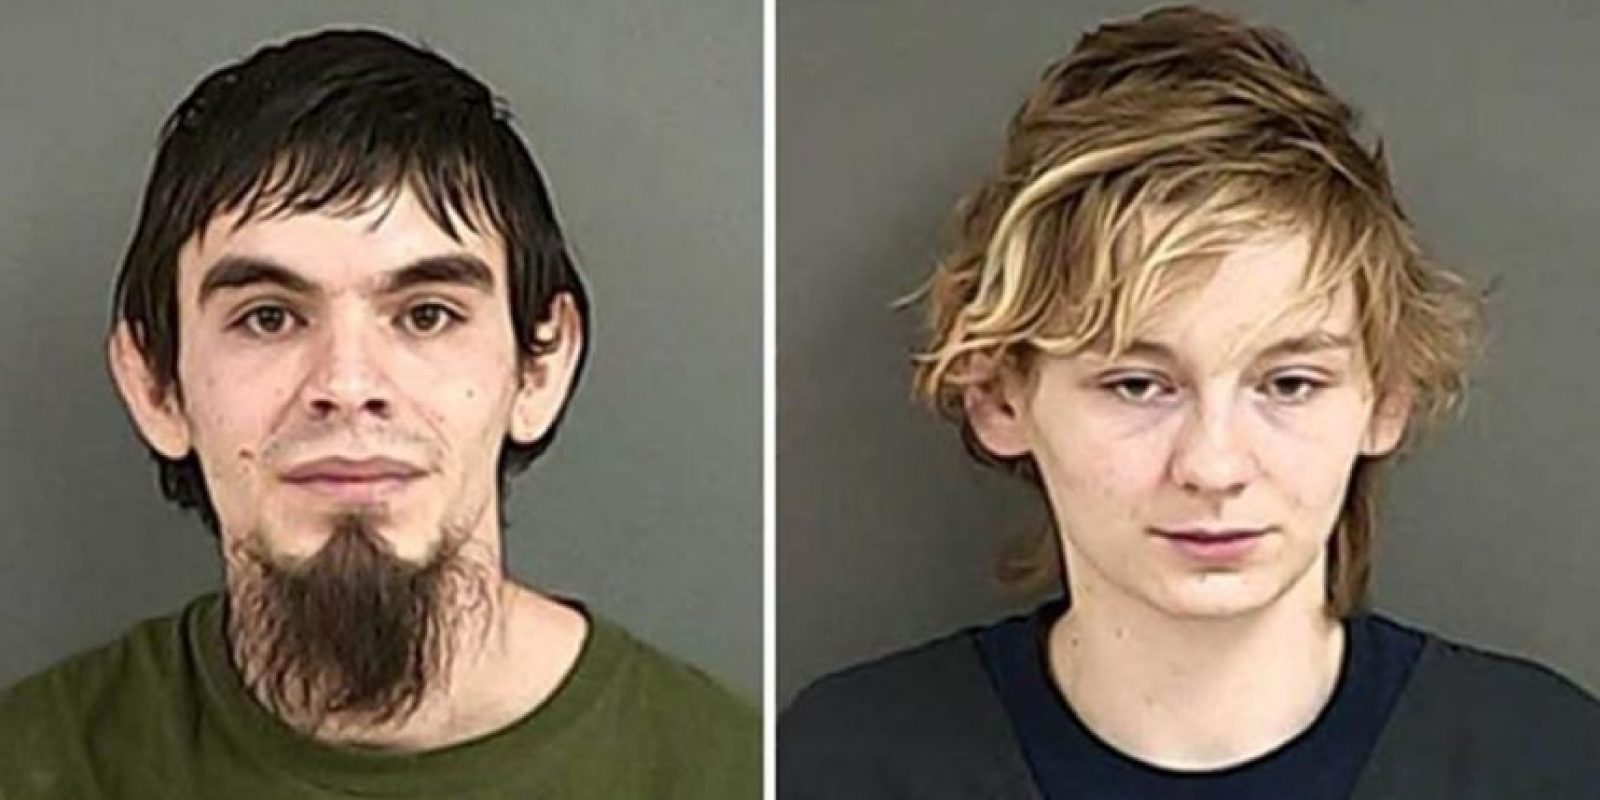 Stephen Williams y María Hancock fueron arrestados por homicidio al dejar morir de hambre al hijo de esta, de 7 semanas. Ella usaba su leche materna para videos porno de fetichismo. Foto:Policía de Douglas County